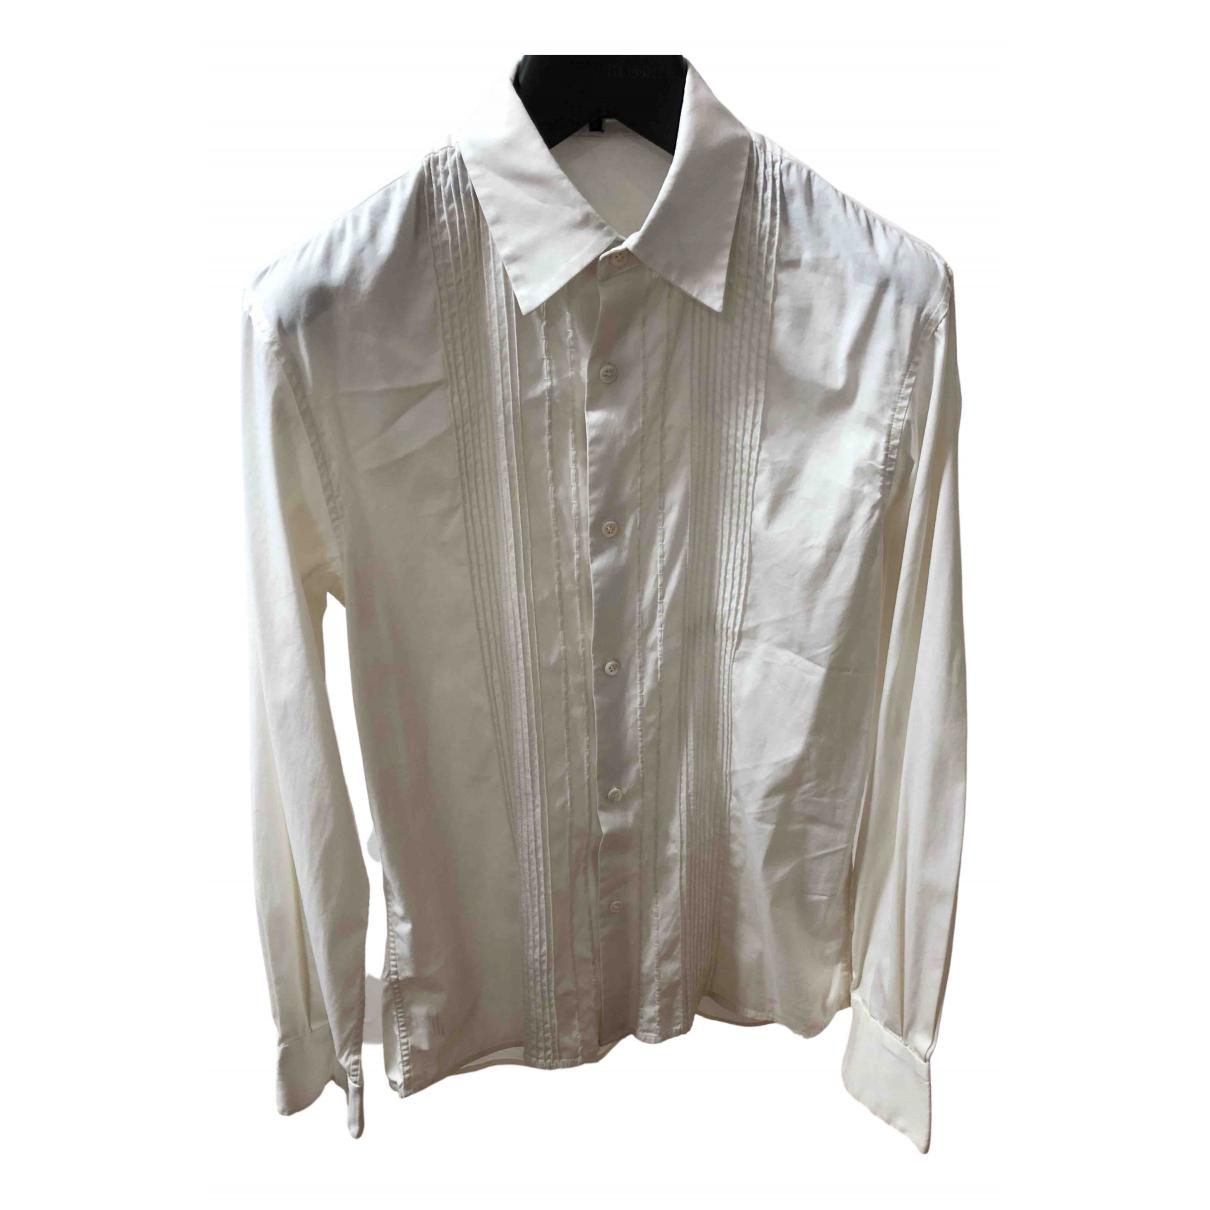 Theory - Chemises   pour homme en lin - blanc